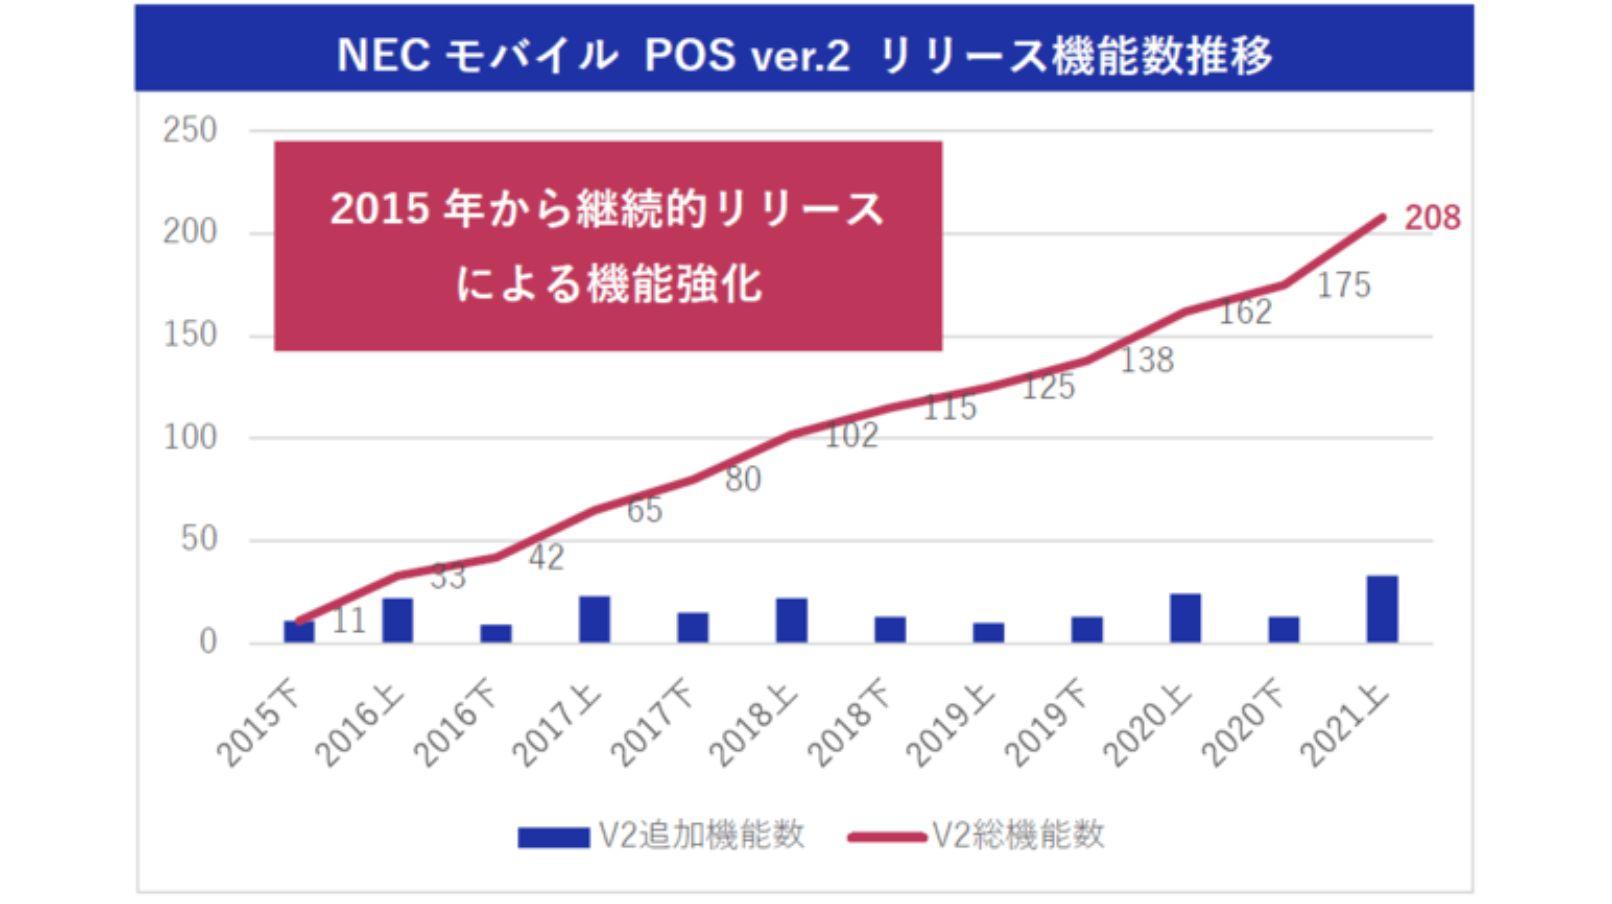 サブスク型POSレジアプリ「NECモバイルPOS」、Ver.2リリース後通算200機能のバージョンアップを達成